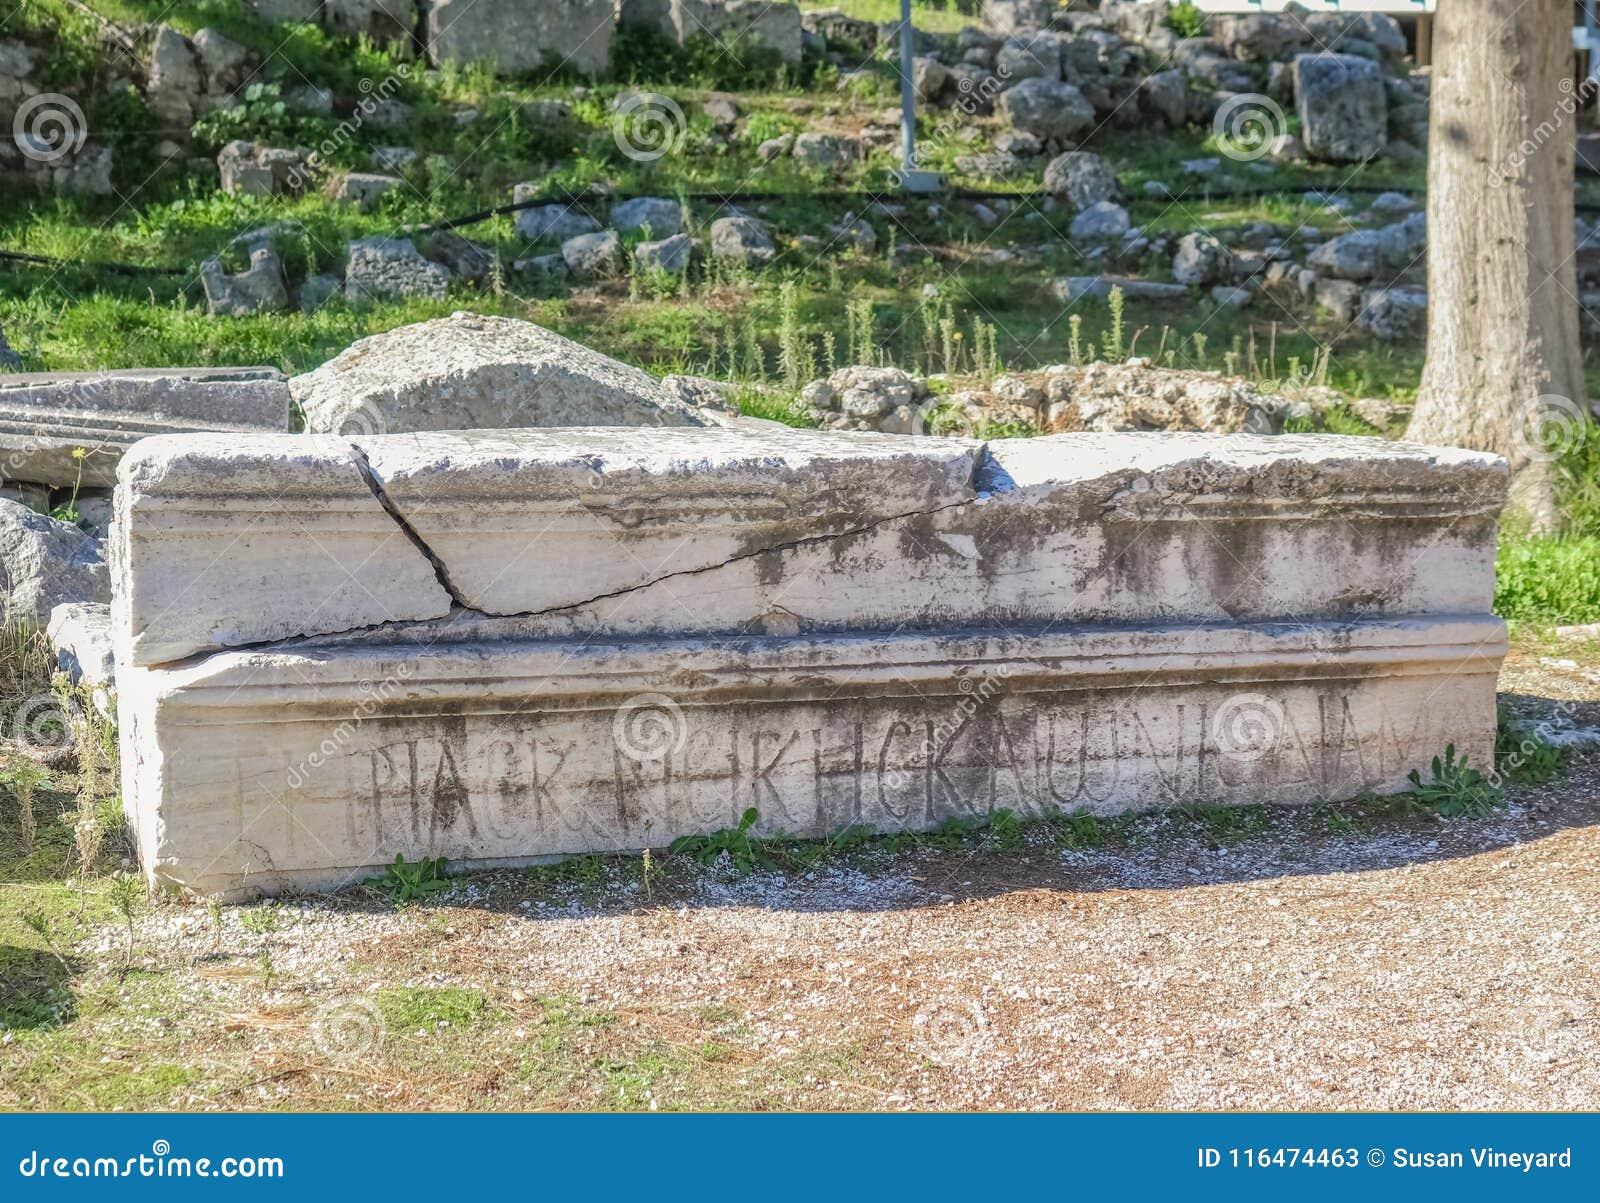 Το σπασμένο μακροχρόνιο μαρμάρινο κομμάτι ενός κτηρίου χάρασε με τις ρωμαϊκές επιστολές που συσσωρεύθηκαν εκτός από τις καταστροφ